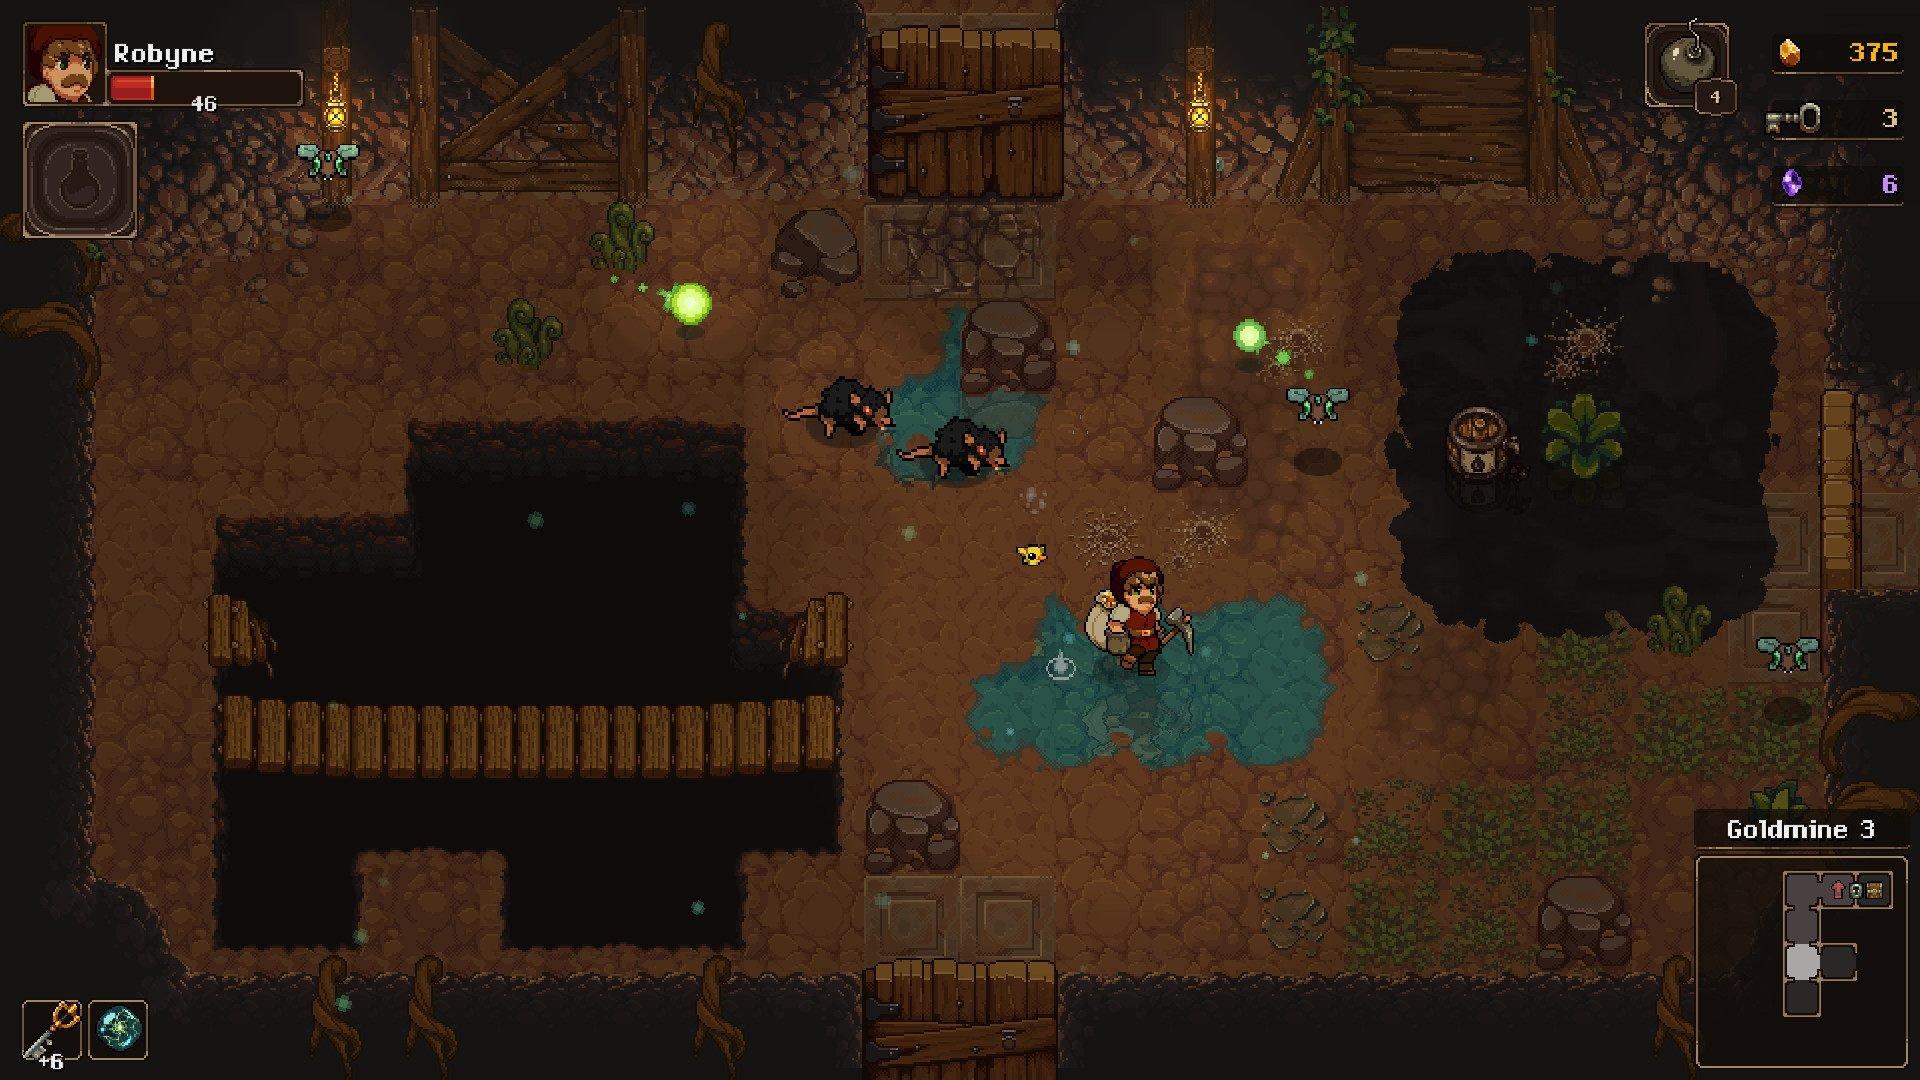 UnderMine GDC 2019 Thorium dev interview gameplay screenshot